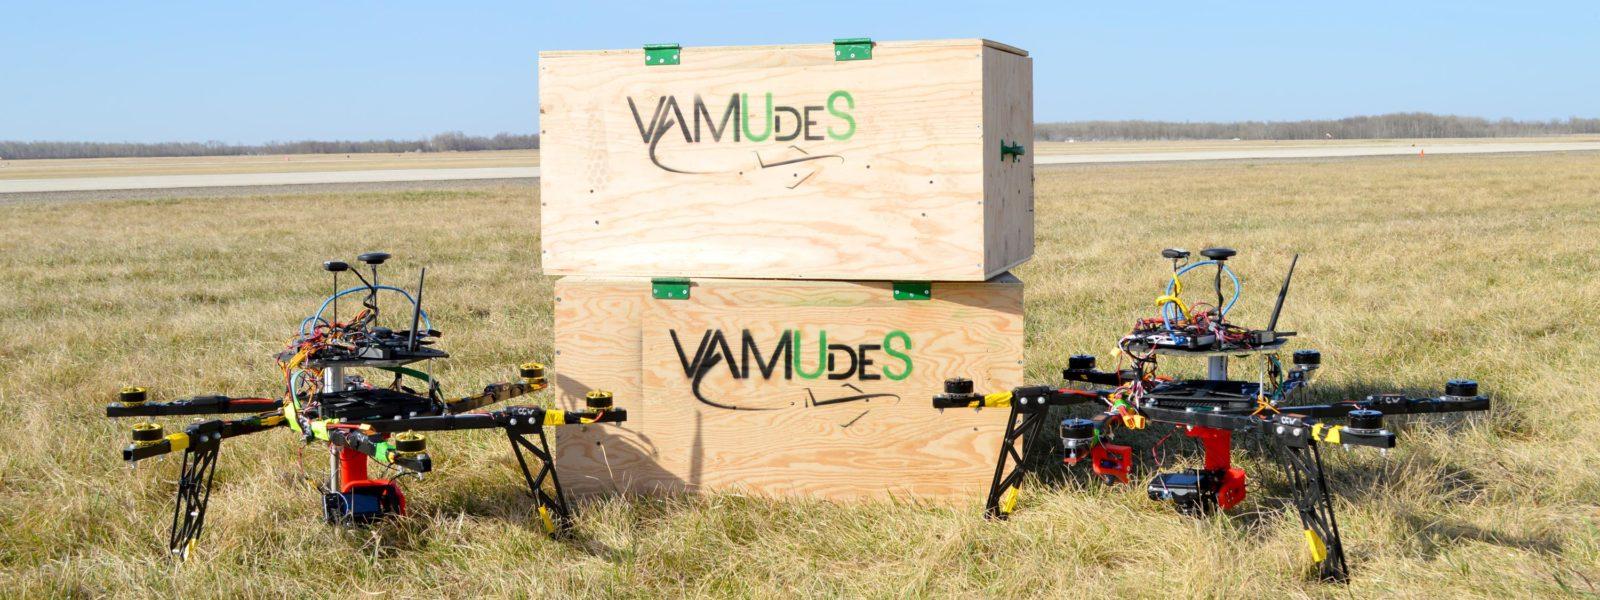 VAMUdeS conçoit son nouvel hexacoptère, Orion